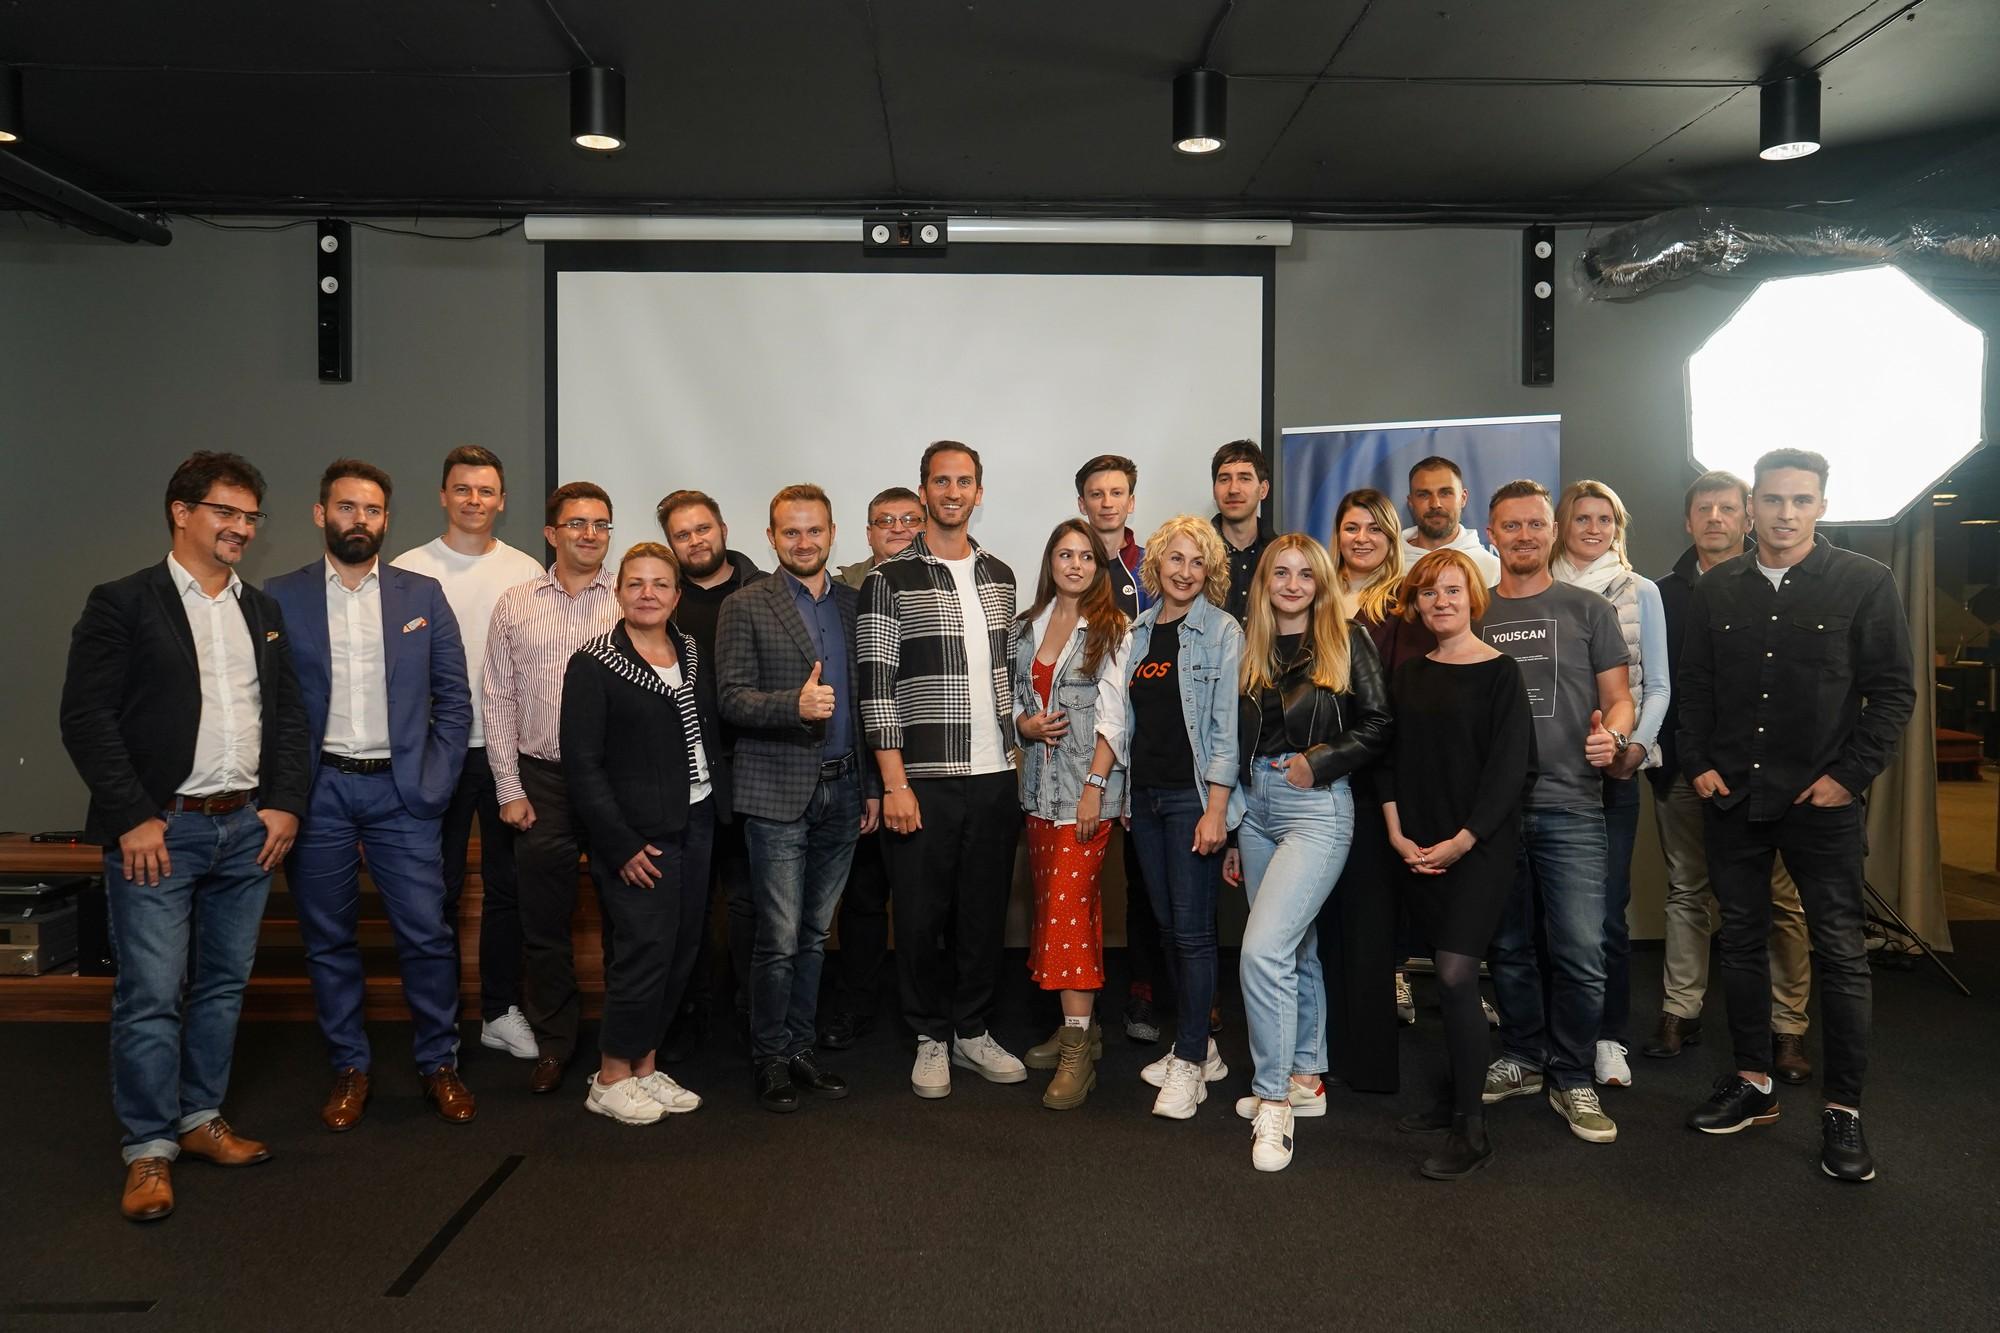 """УФС вперше вручив """"інноваційні ваучери"""", їх отримали десять стартапів-переможців для участі у Web Summit 2021 - ITC.ua"""